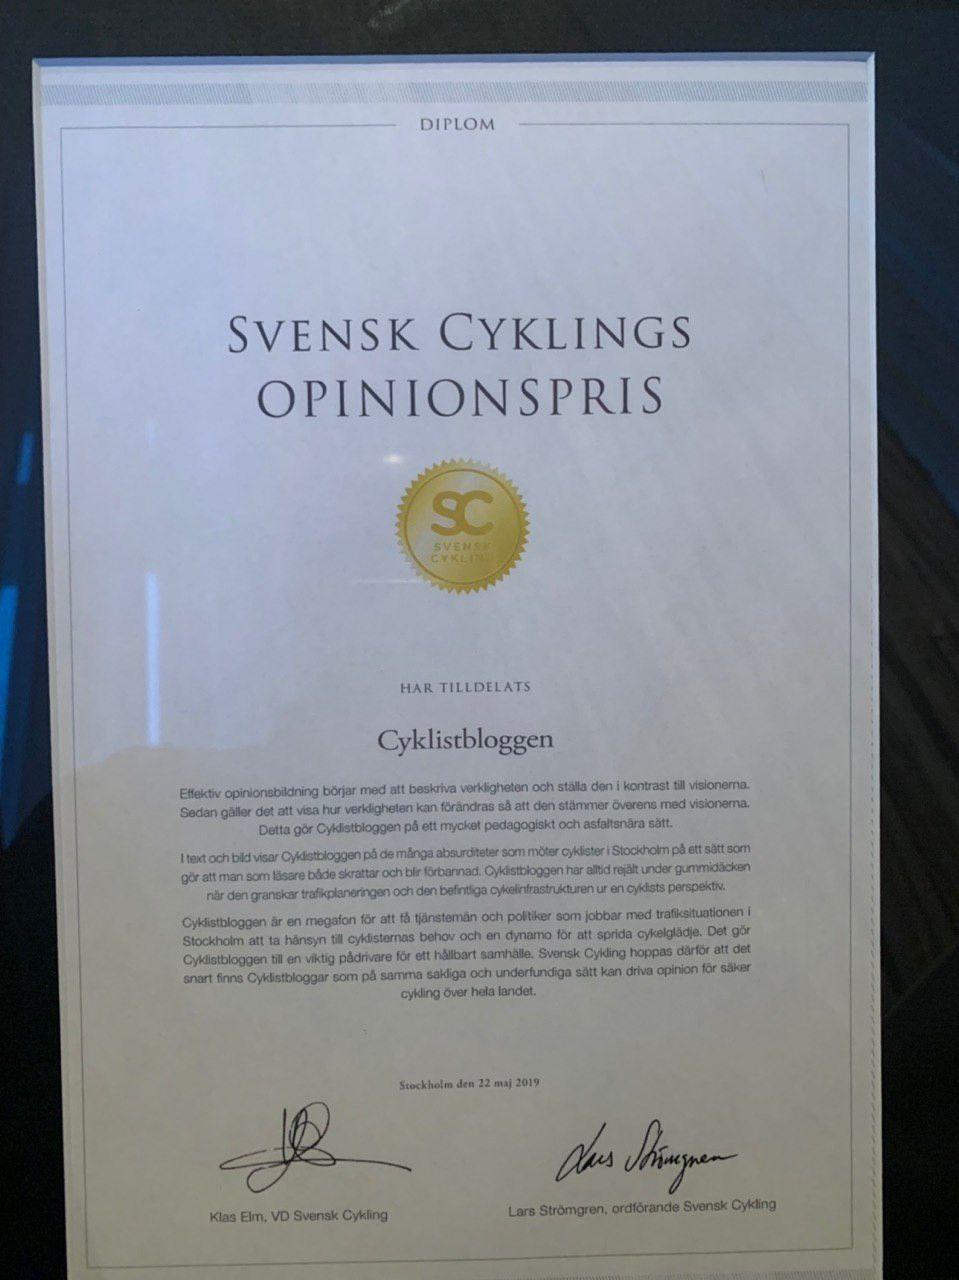 Cyklistbloggen har fått Svensk Cyklings pris som Årets Opinionsbildare 2019!